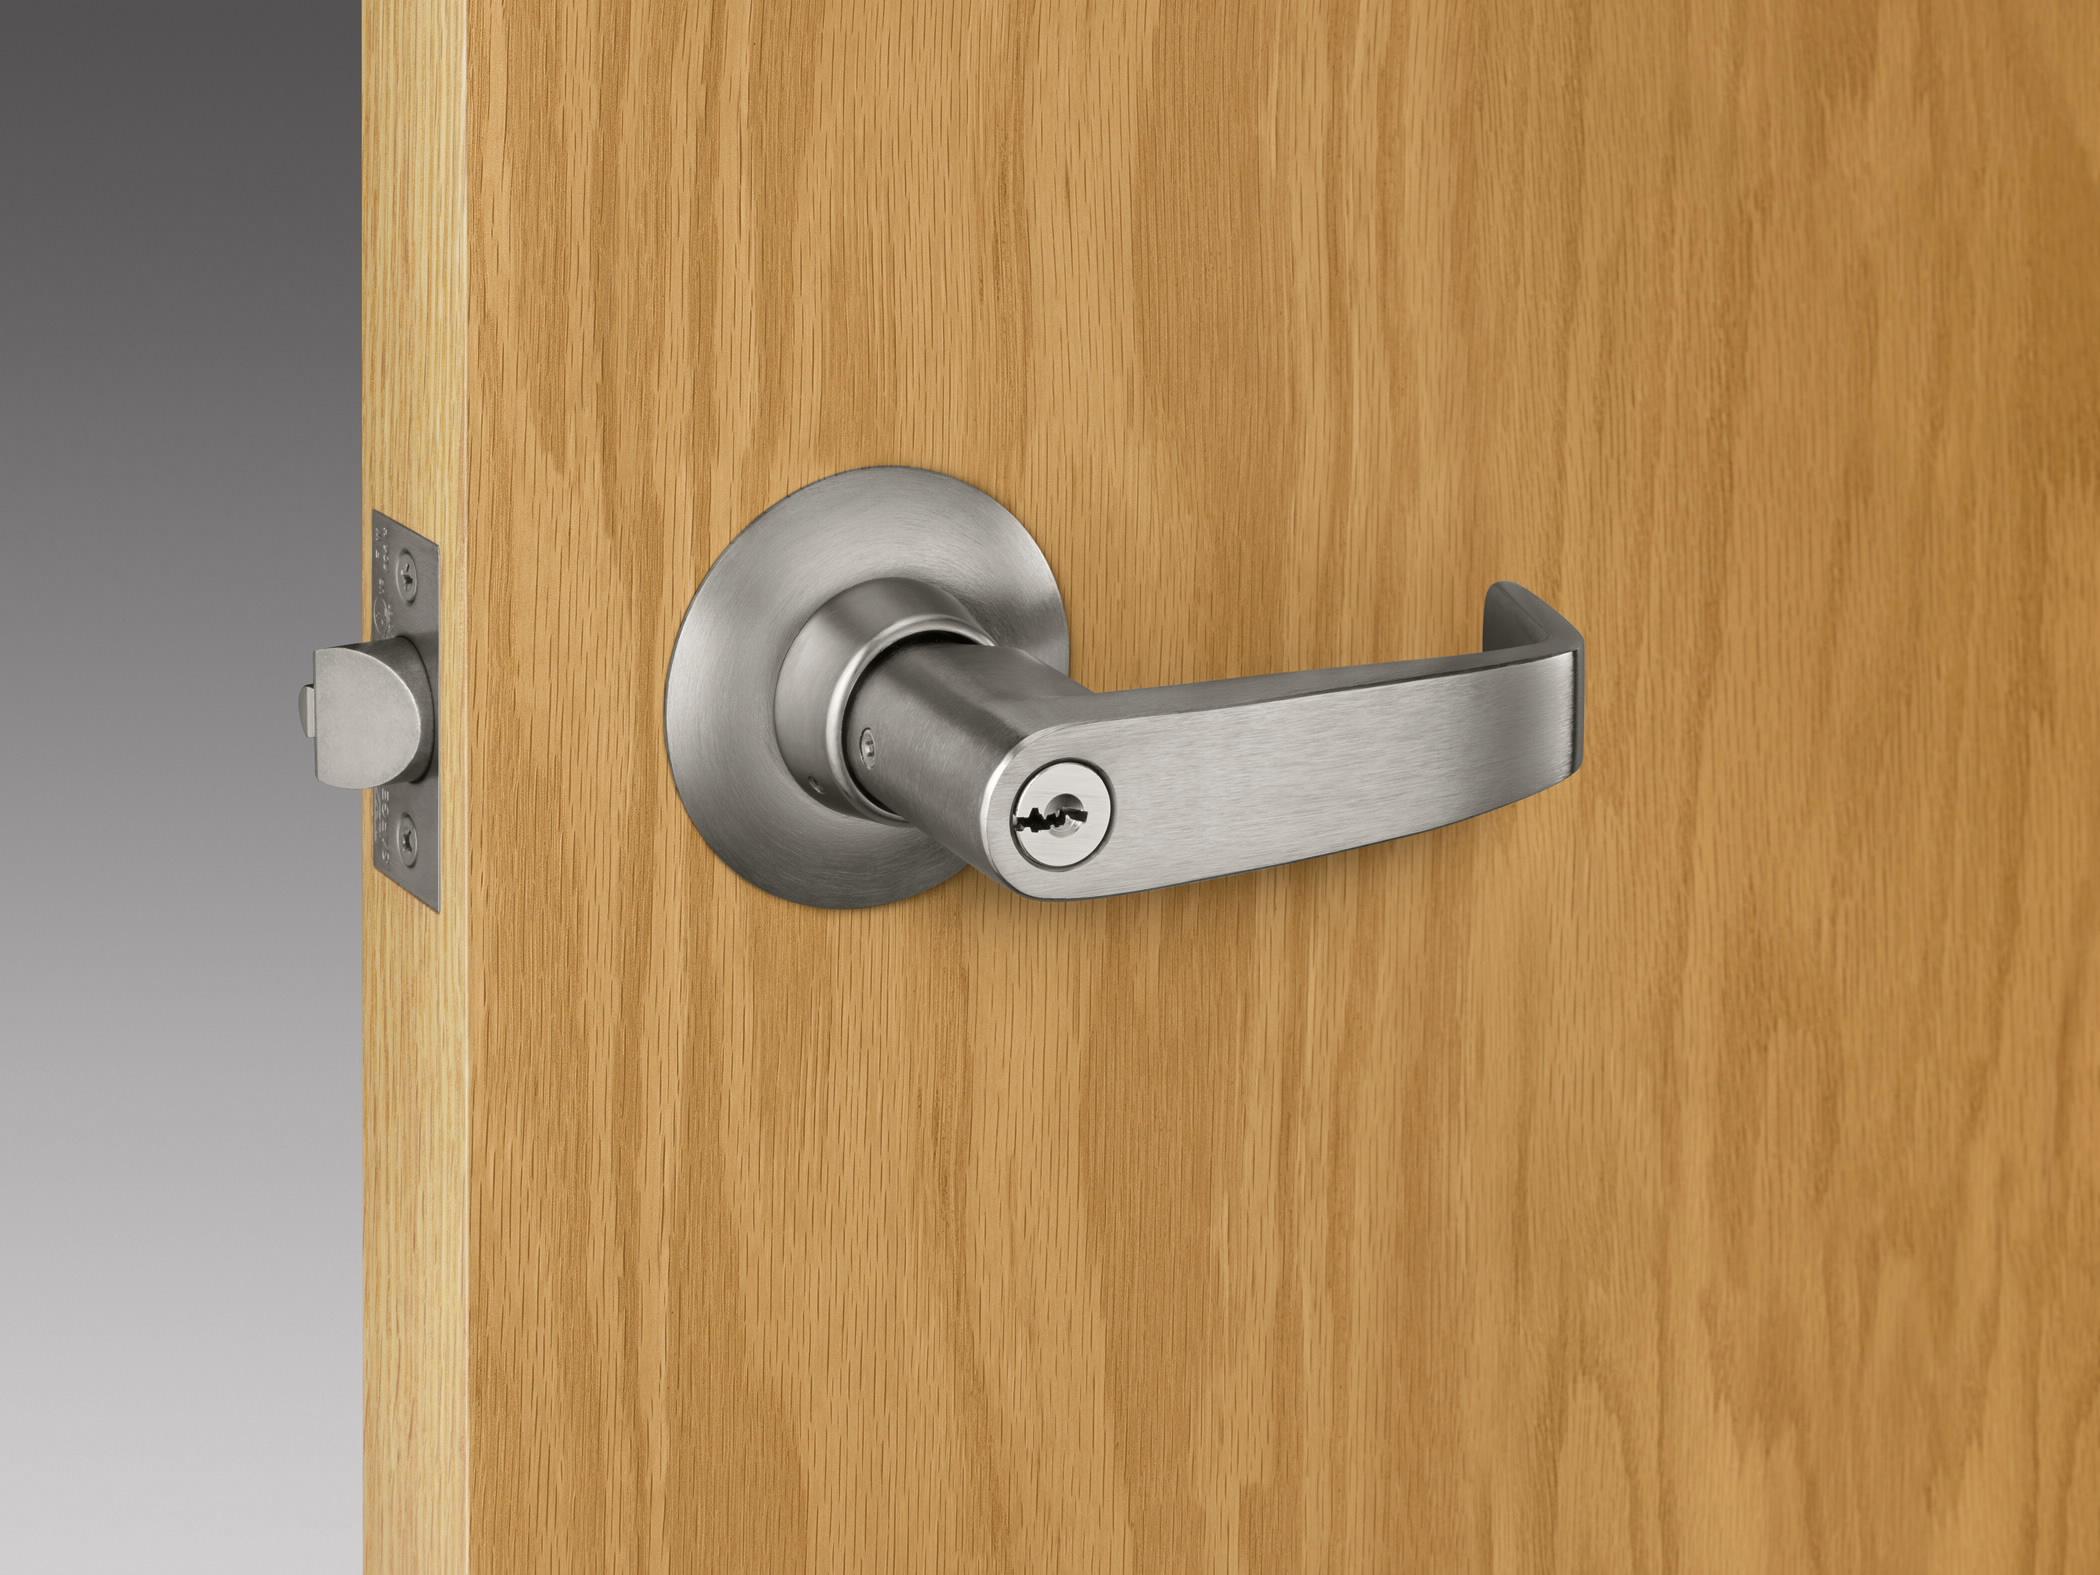 Door Hardware image